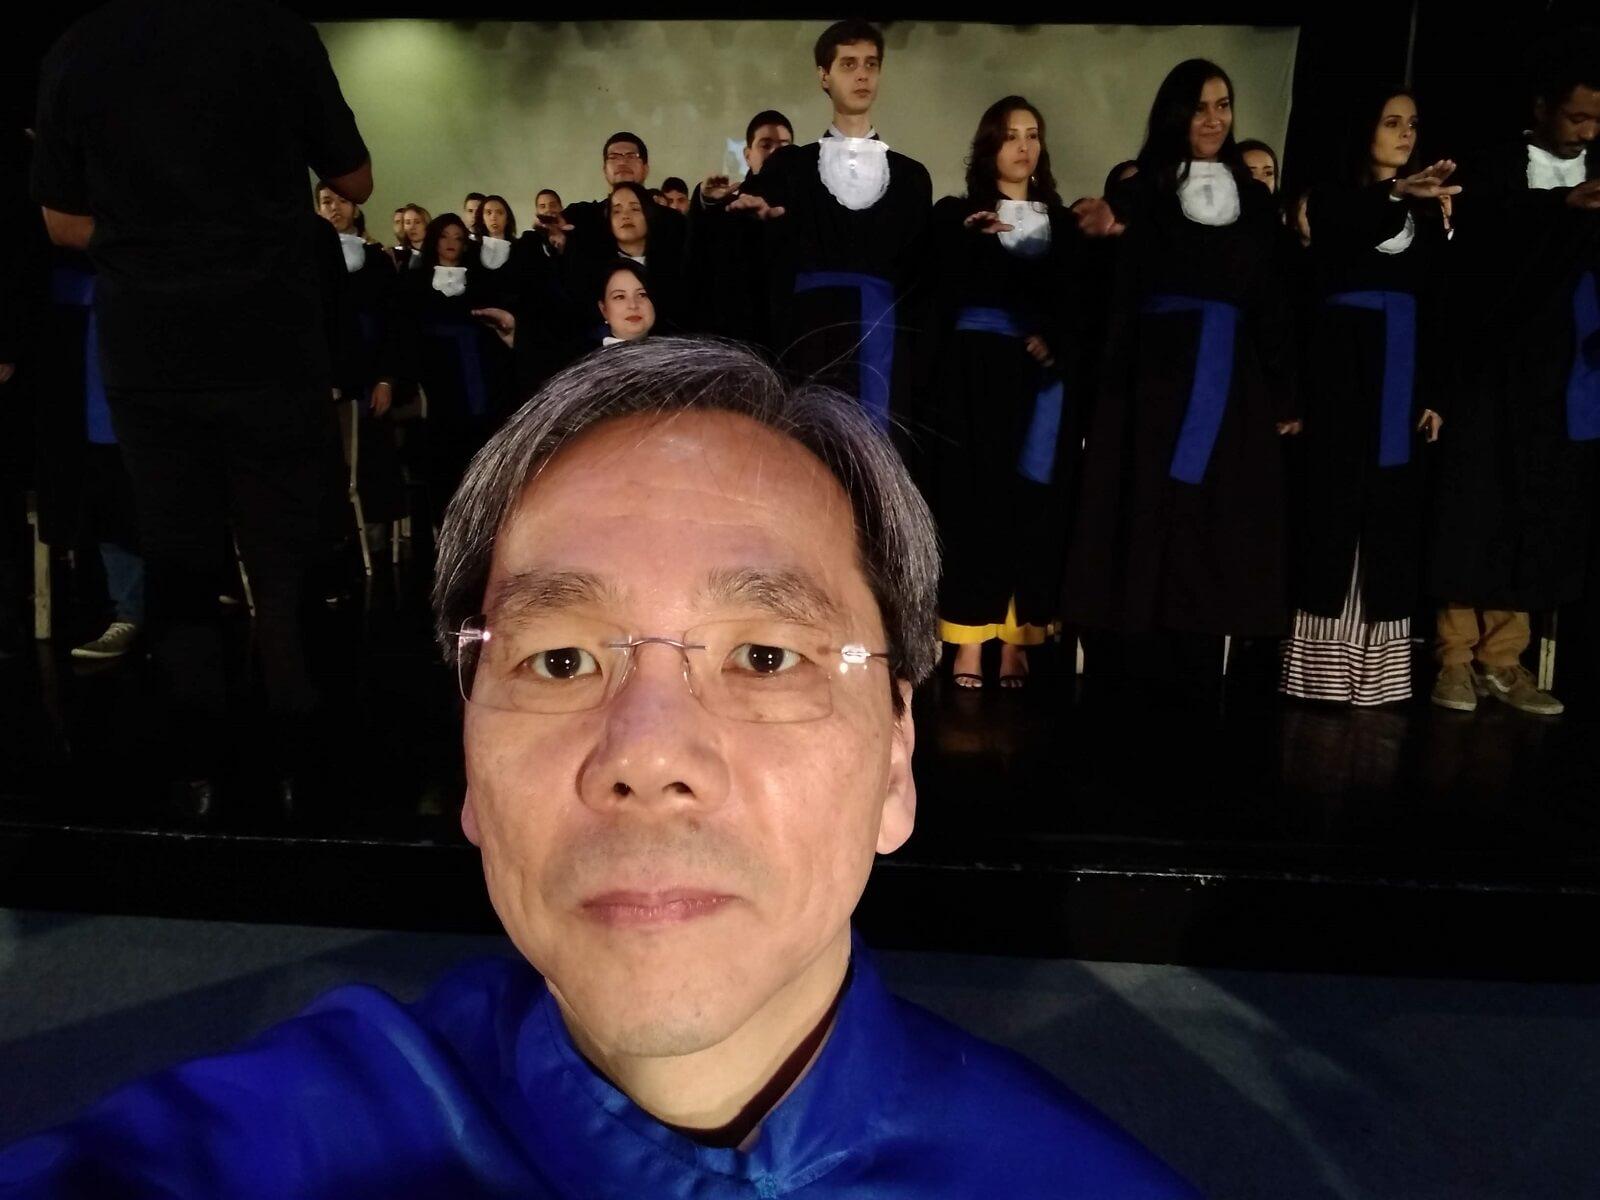 O Prof. Dr. Fukuda acompanhou os juramentos dos Formandos, momento solene de compromissos e responsabilidade deles, como cidadãos e profissionais, perante o mercado e a sociedade.